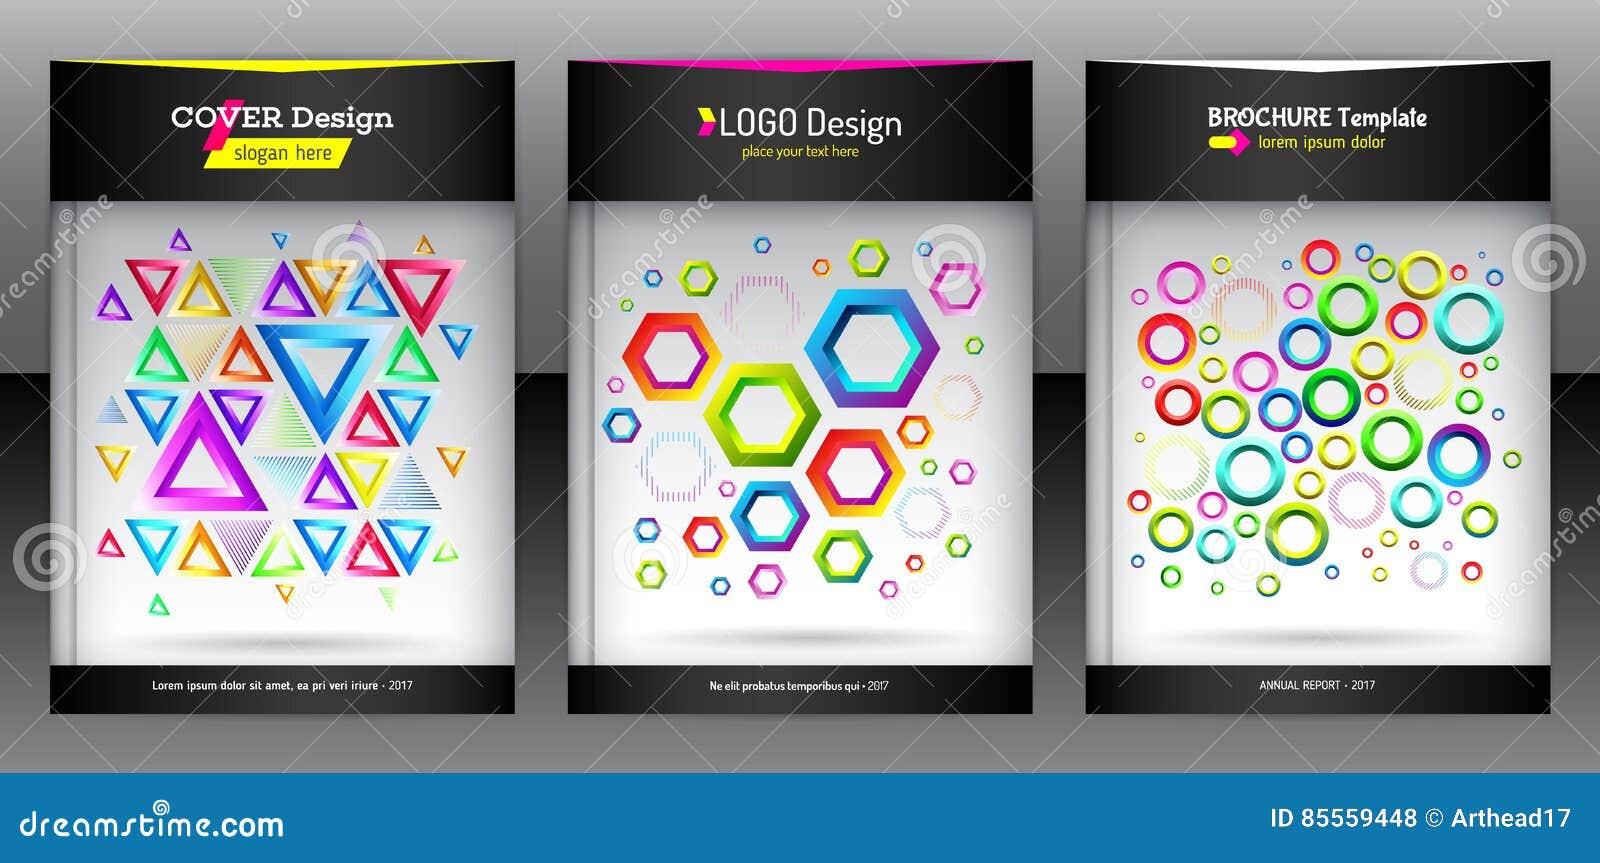 Geometrischer Satz der Broschüre des Hexagons, des Dreiecks und der runden Formen